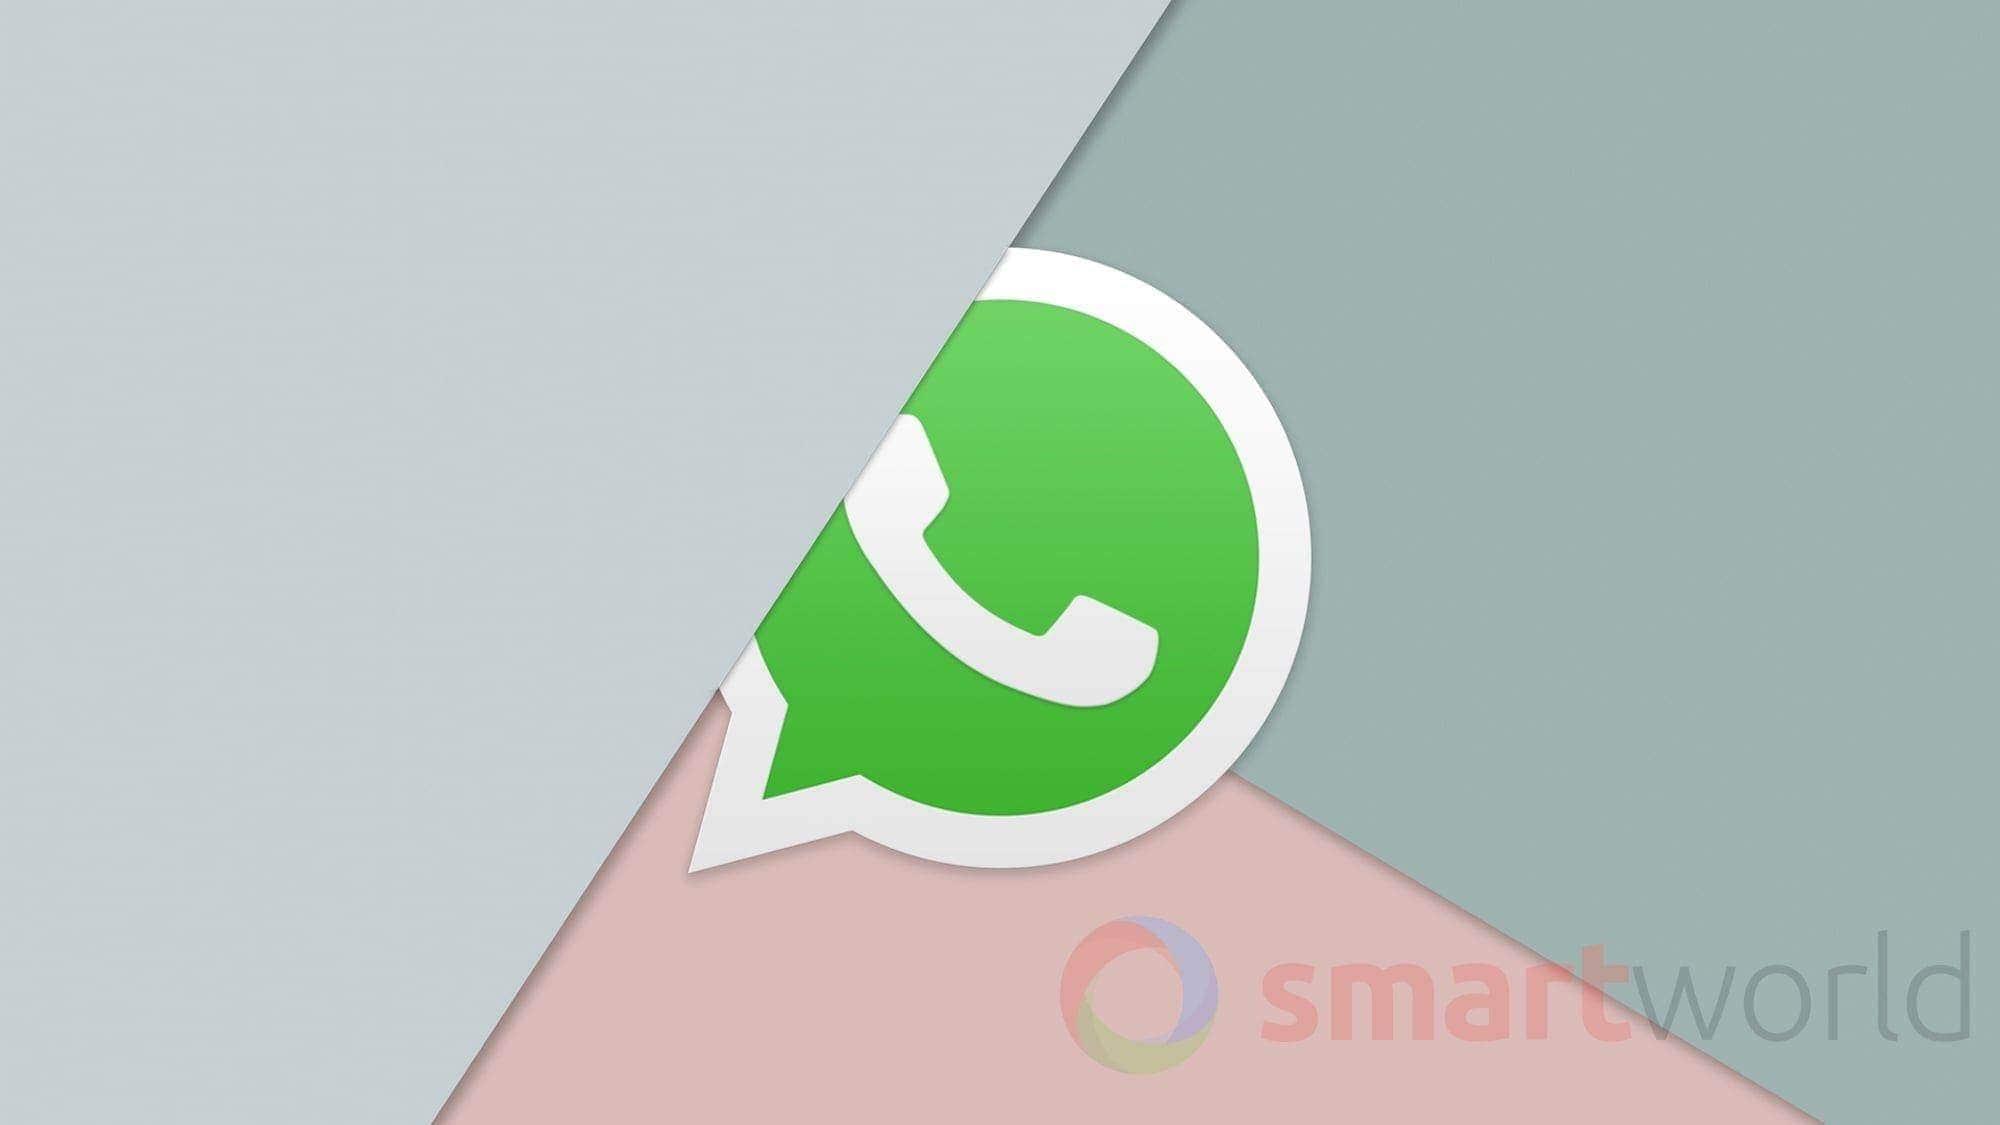 WhatsApp: in arrivo una nuova procedura per la verifica dell'account (foto)